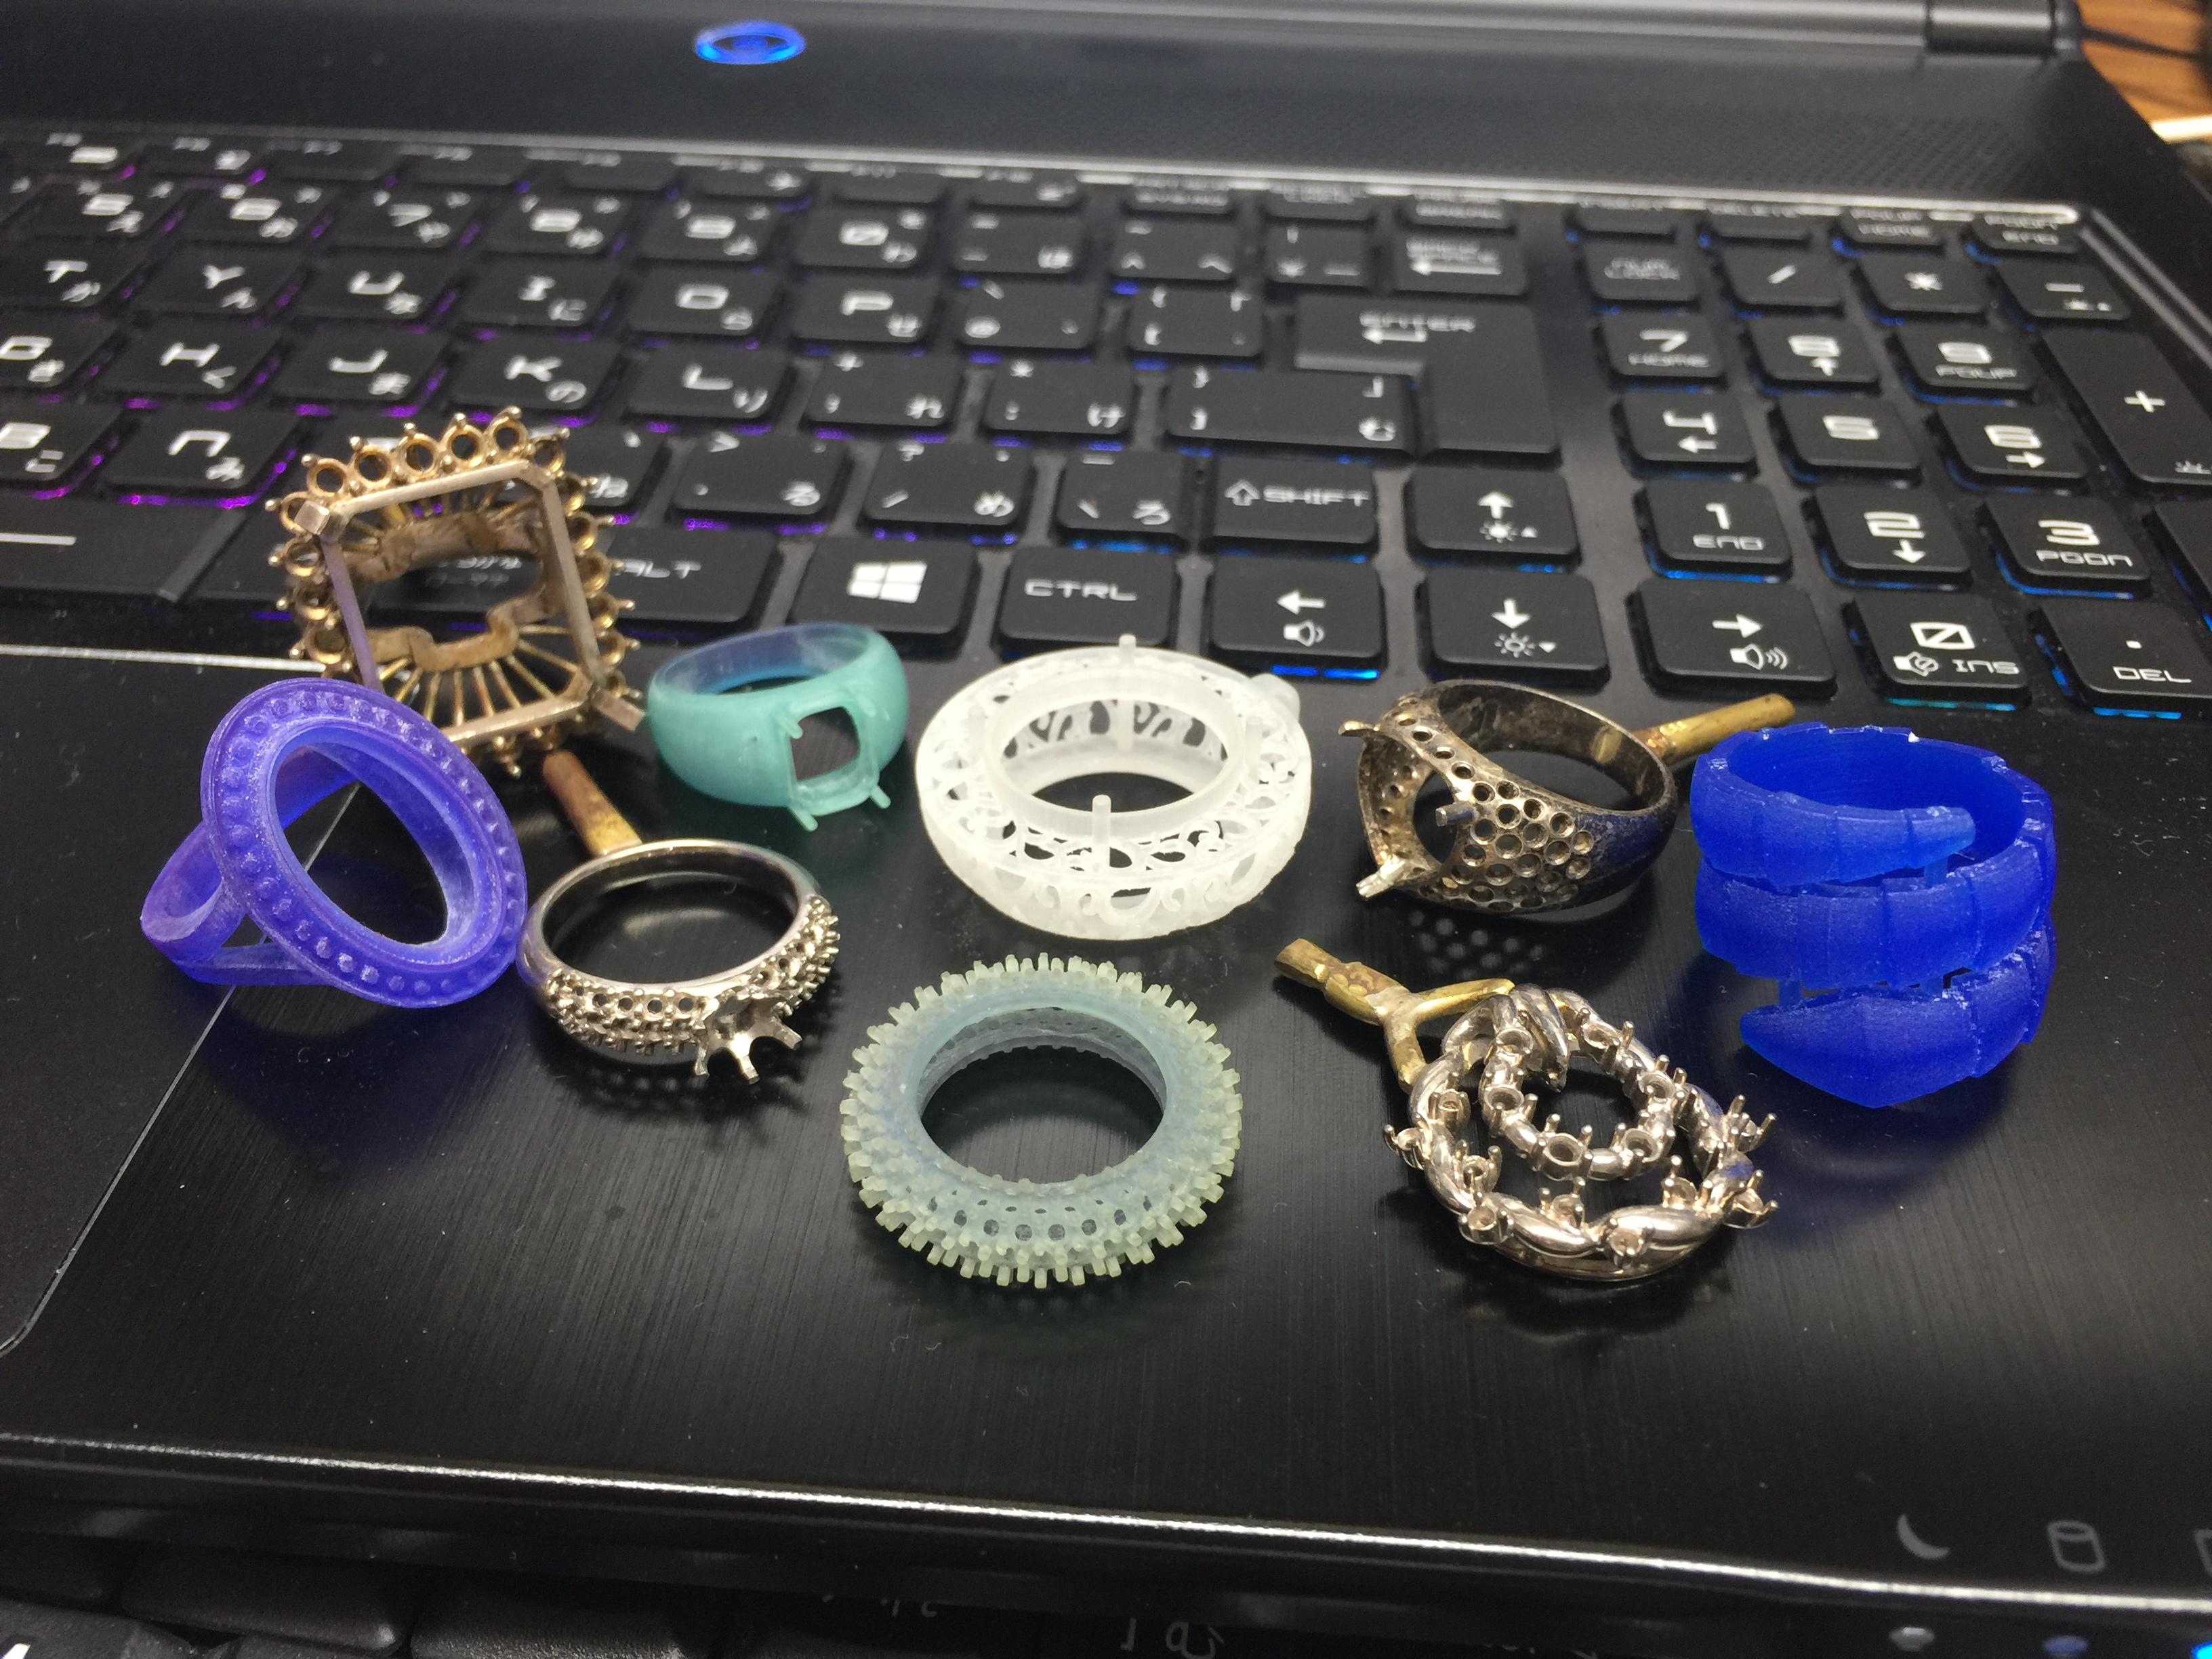 この熟練した職人さんの手作りの原型は とても素晴らしい。でも 尚更 3D-CAD&3Dプリンターの破壊力を知ることになります。